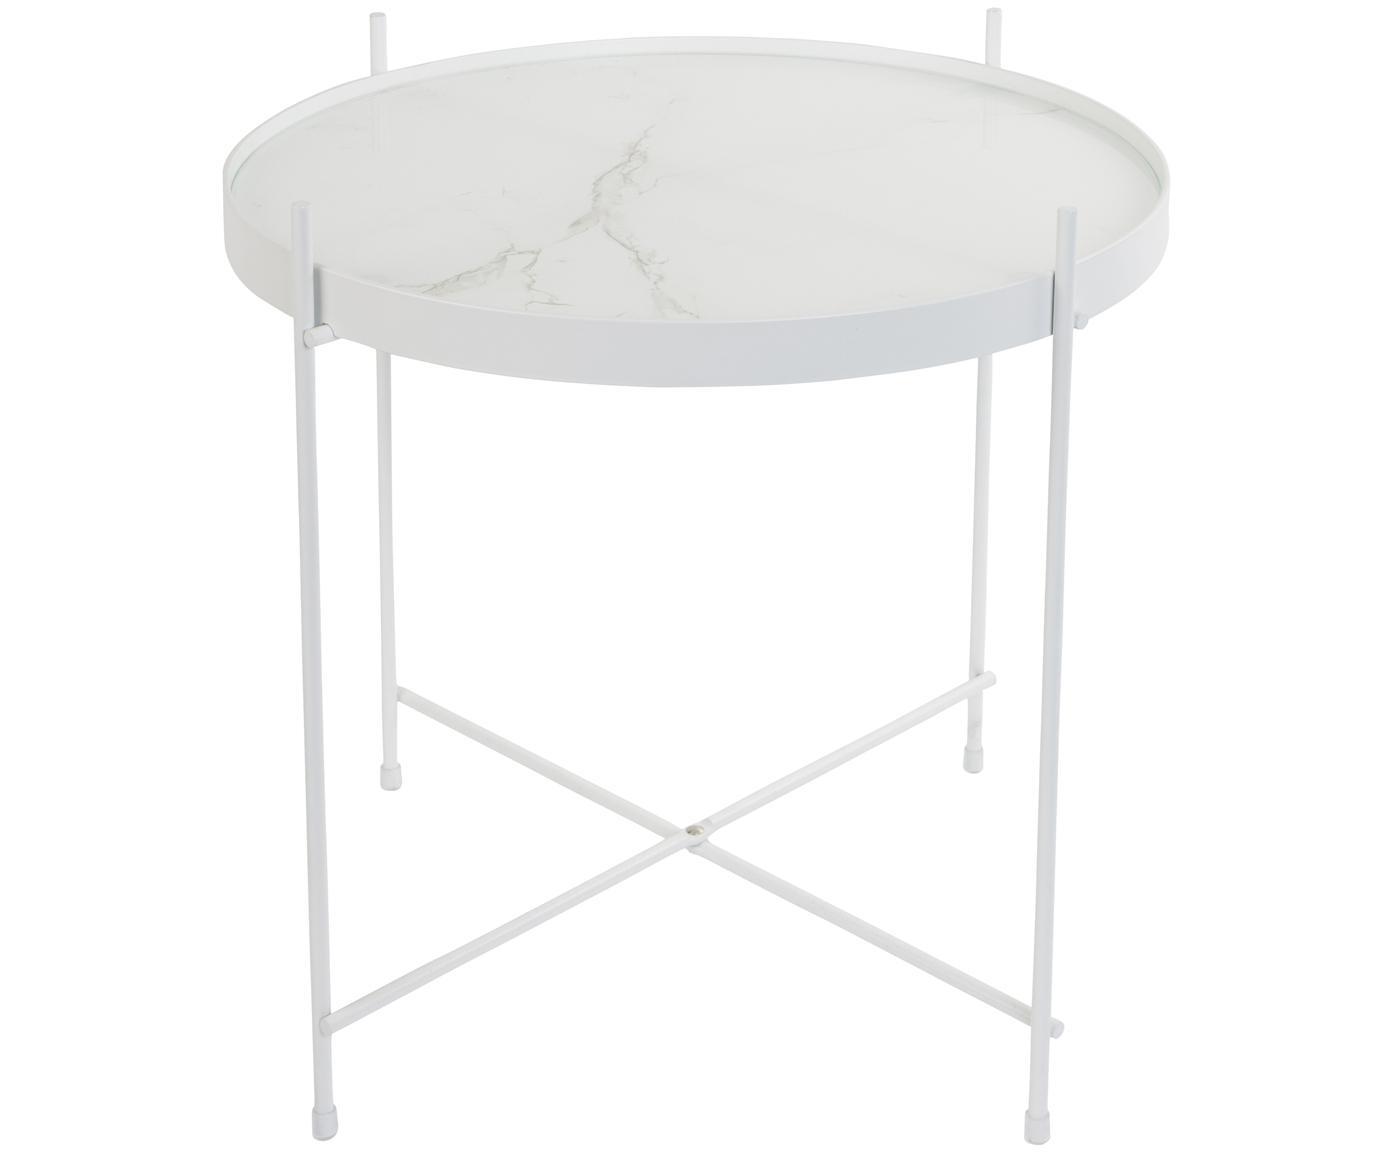 Stolik-taca Cupid, Stelaż: żelazo malowane proszkowo, Biały, Ø 43 x W 45 cm